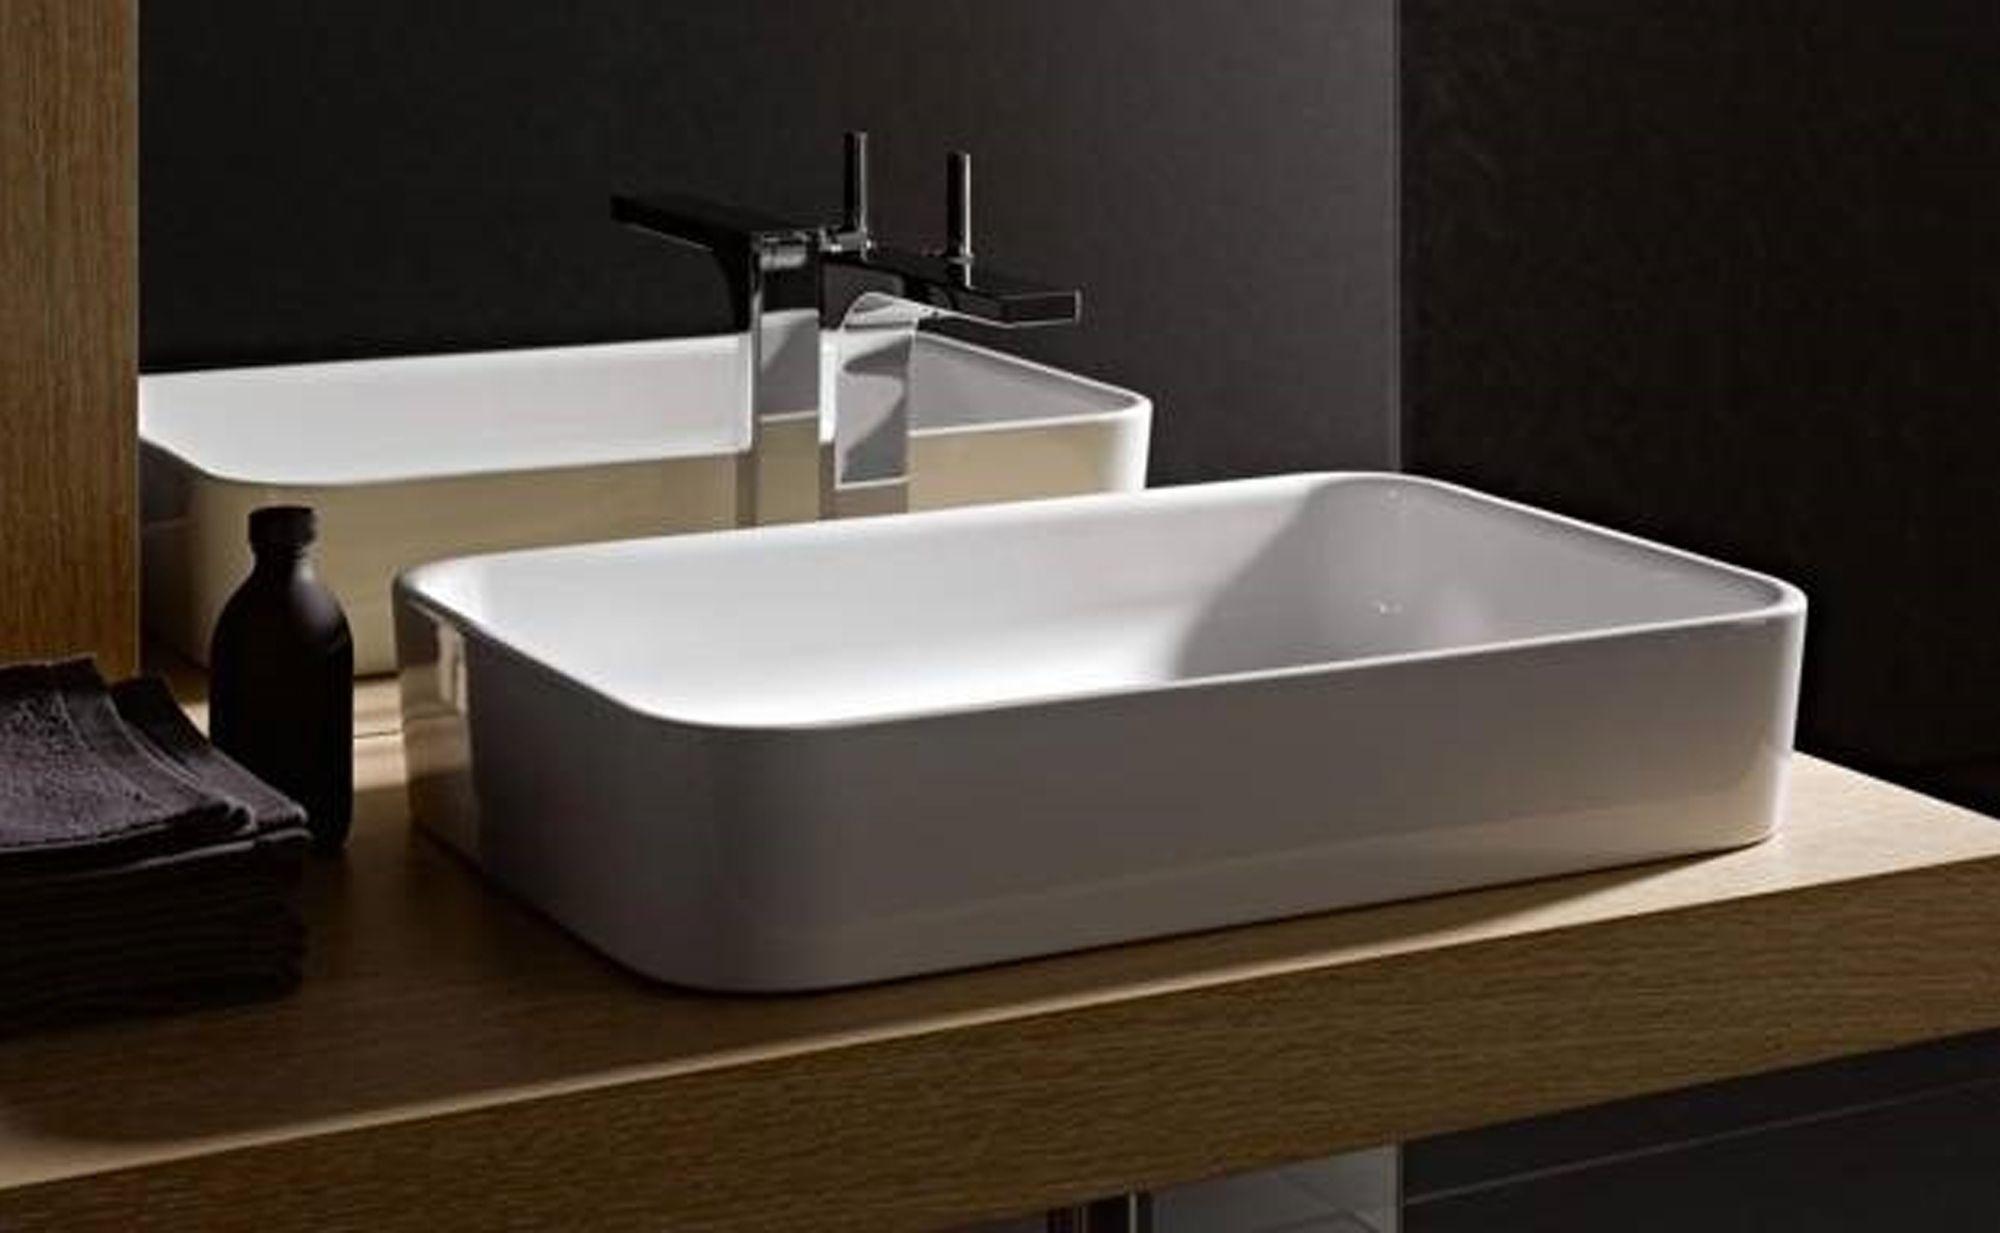 Badezimmer Becken ~ Waschbecken rea anita die keramik ist schneeweiß die befestigung